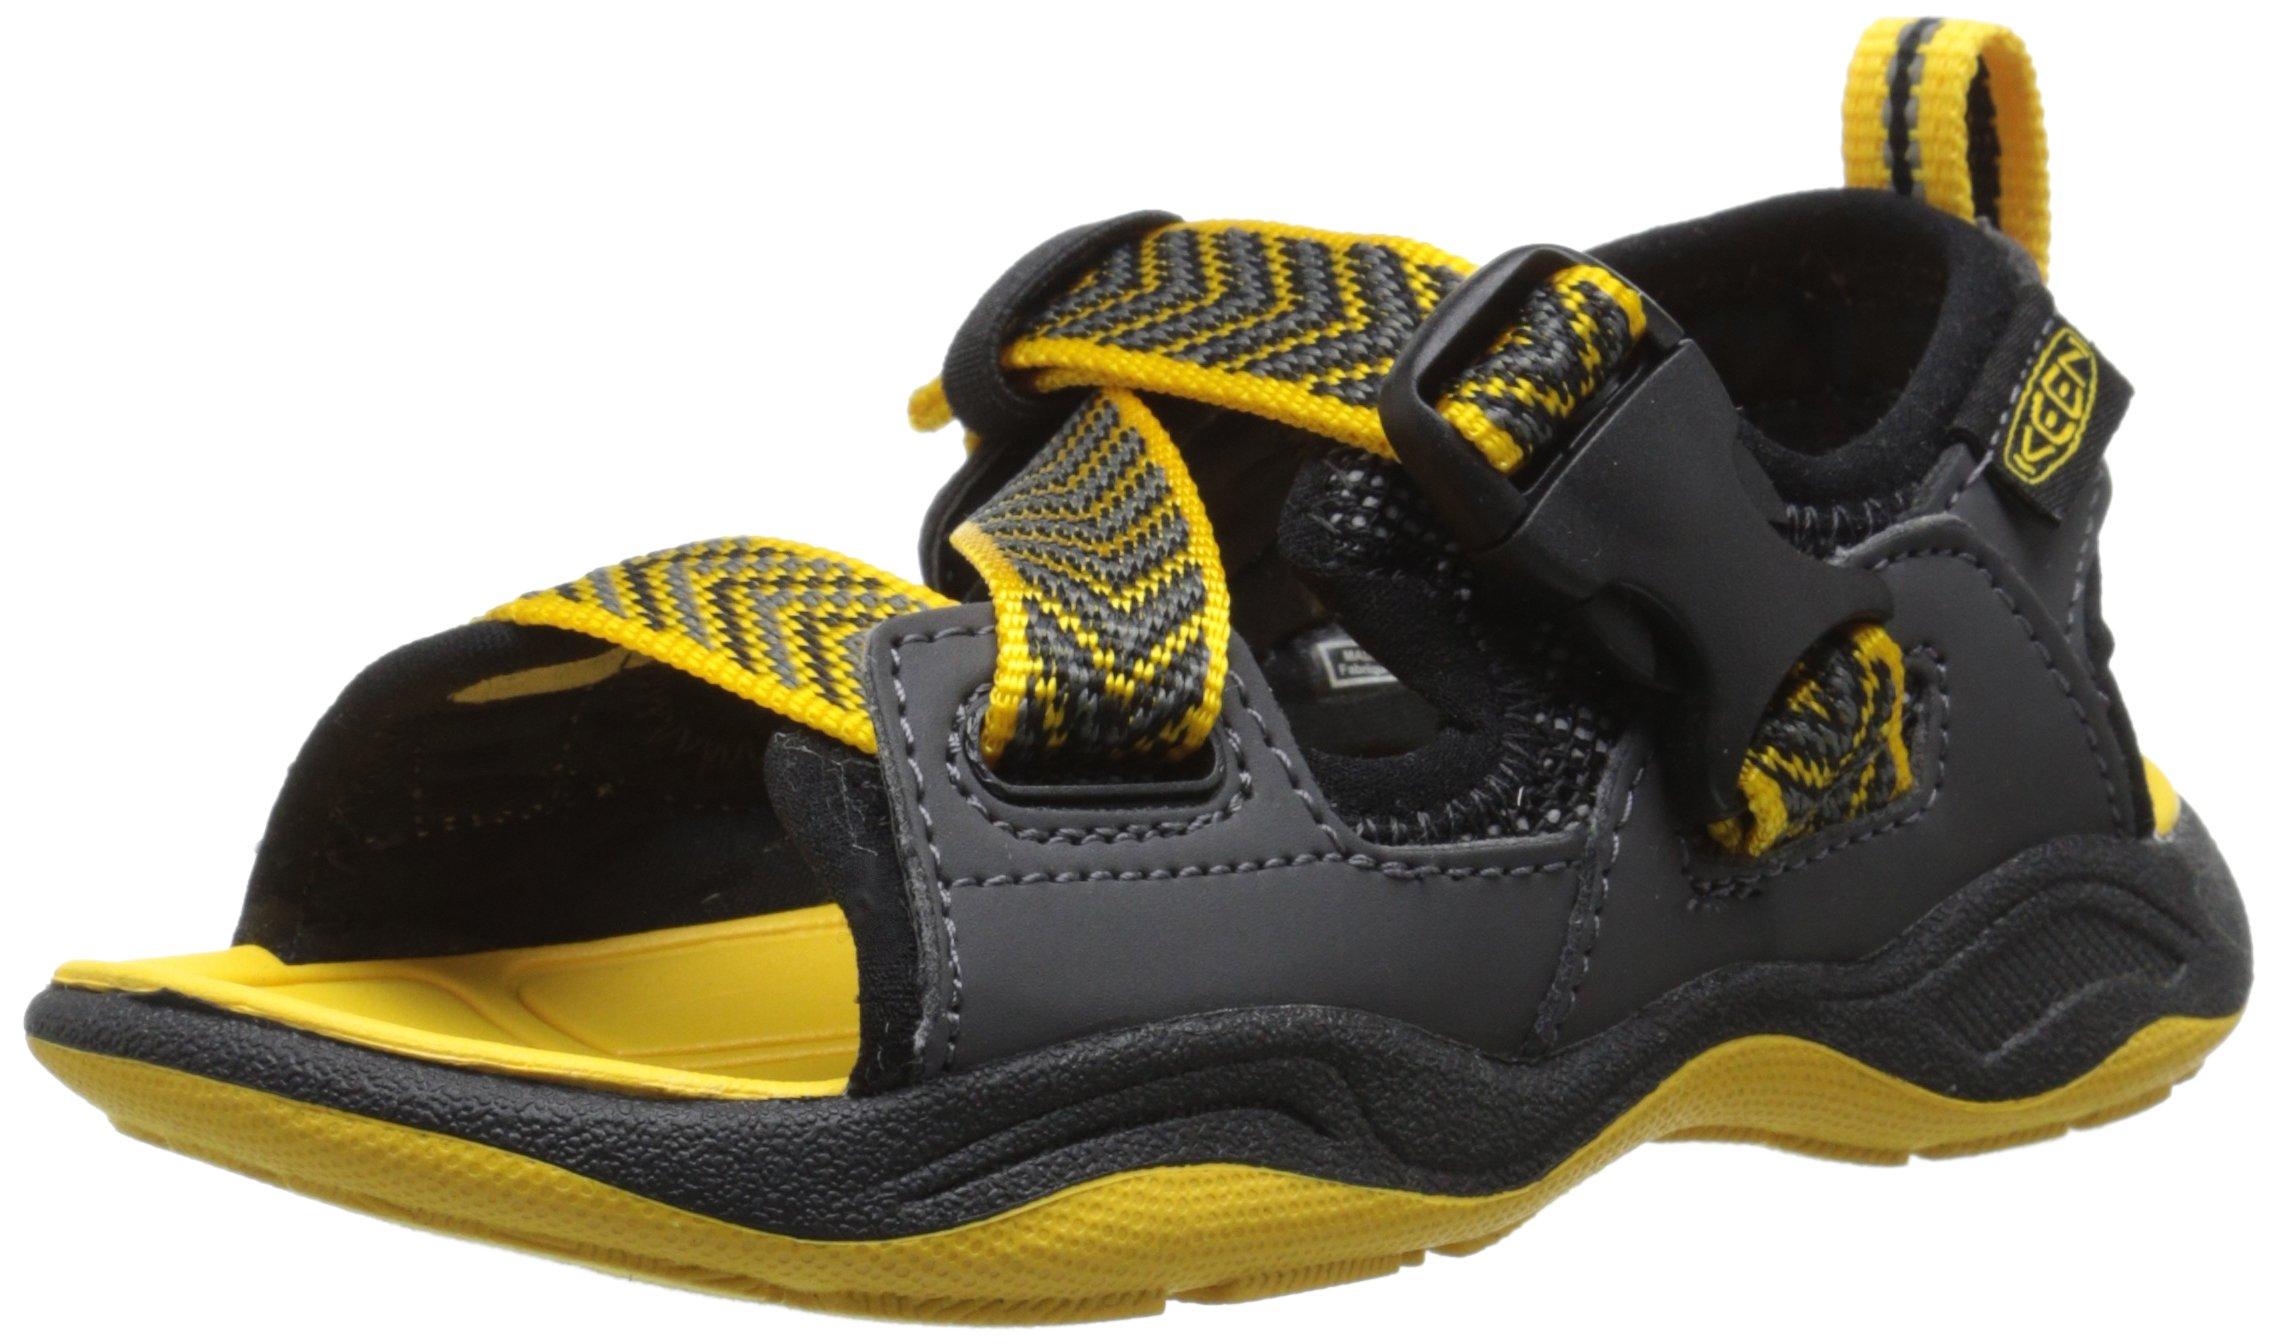 KEEN Rock Iguana Sandal (Toddler/Little Kid), Black/Yellow, 8 M US Toddler